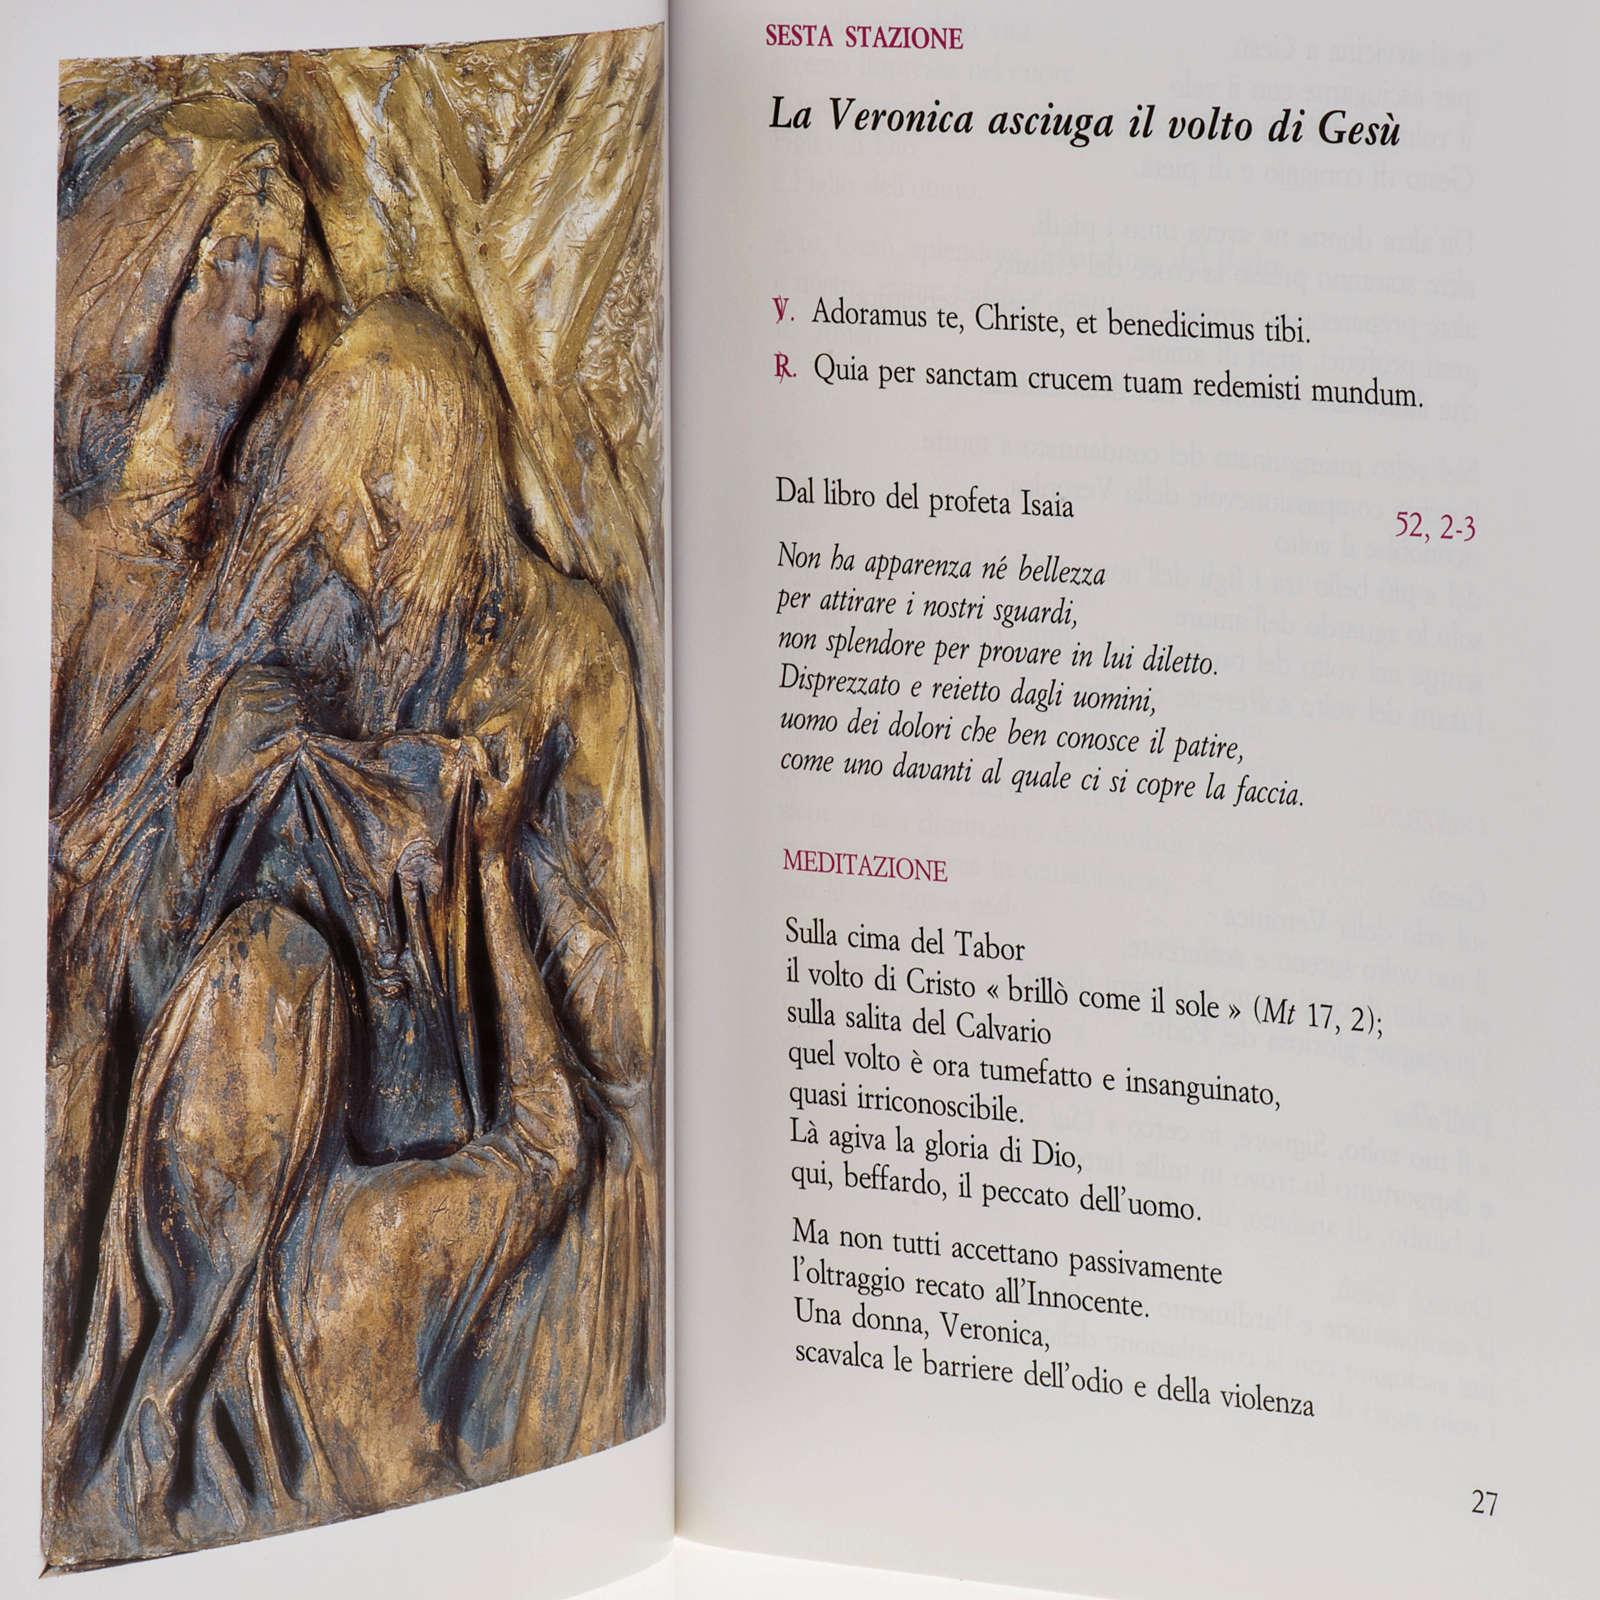 Via Crucis al Colosseo presieduta da Giovanni Paolo II (1996) 4